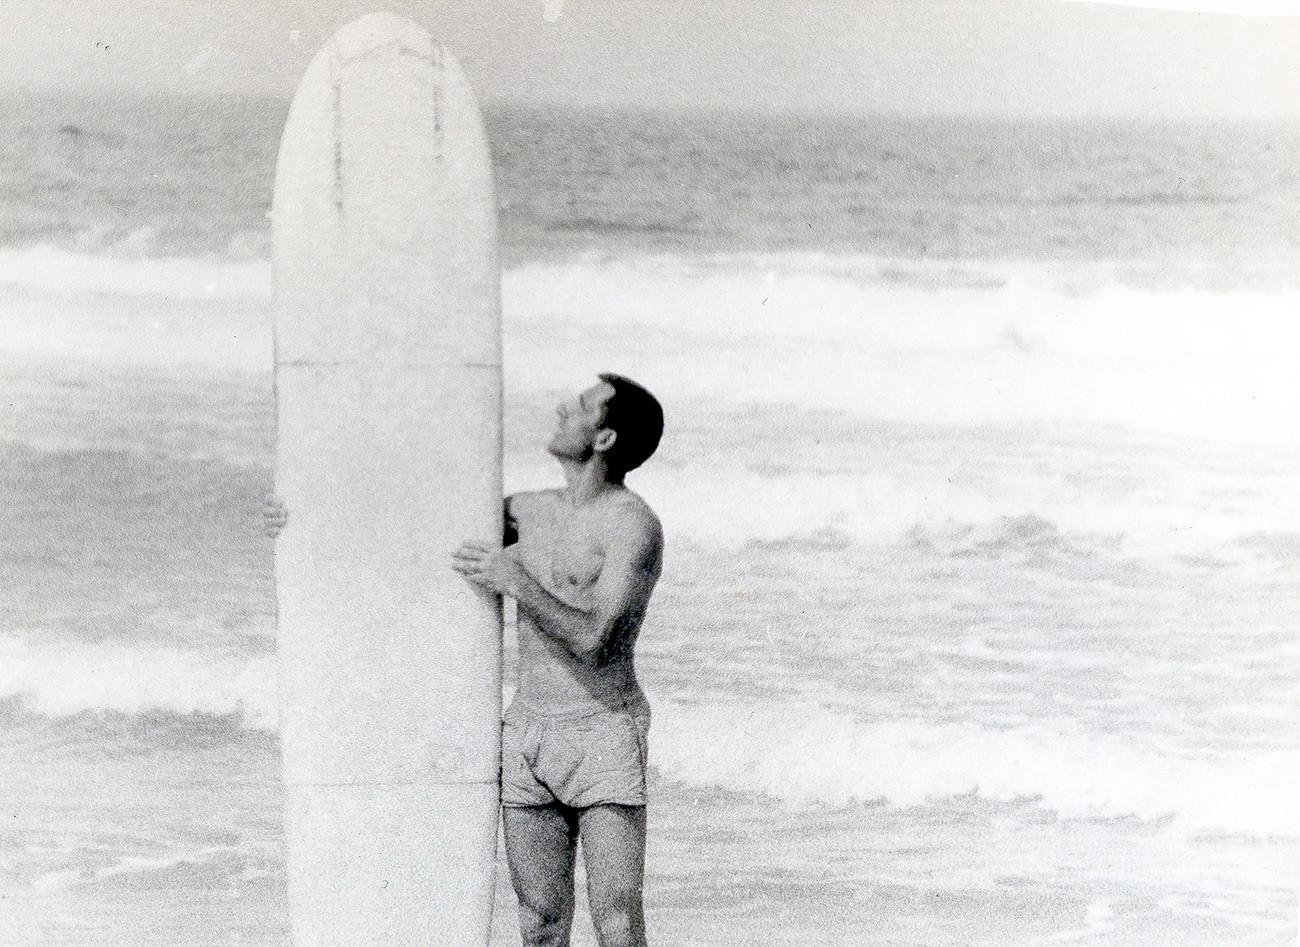 Nikolai memgang papan selancar buatannya di Semenanjung Tarkhankut, Krimea (1966).